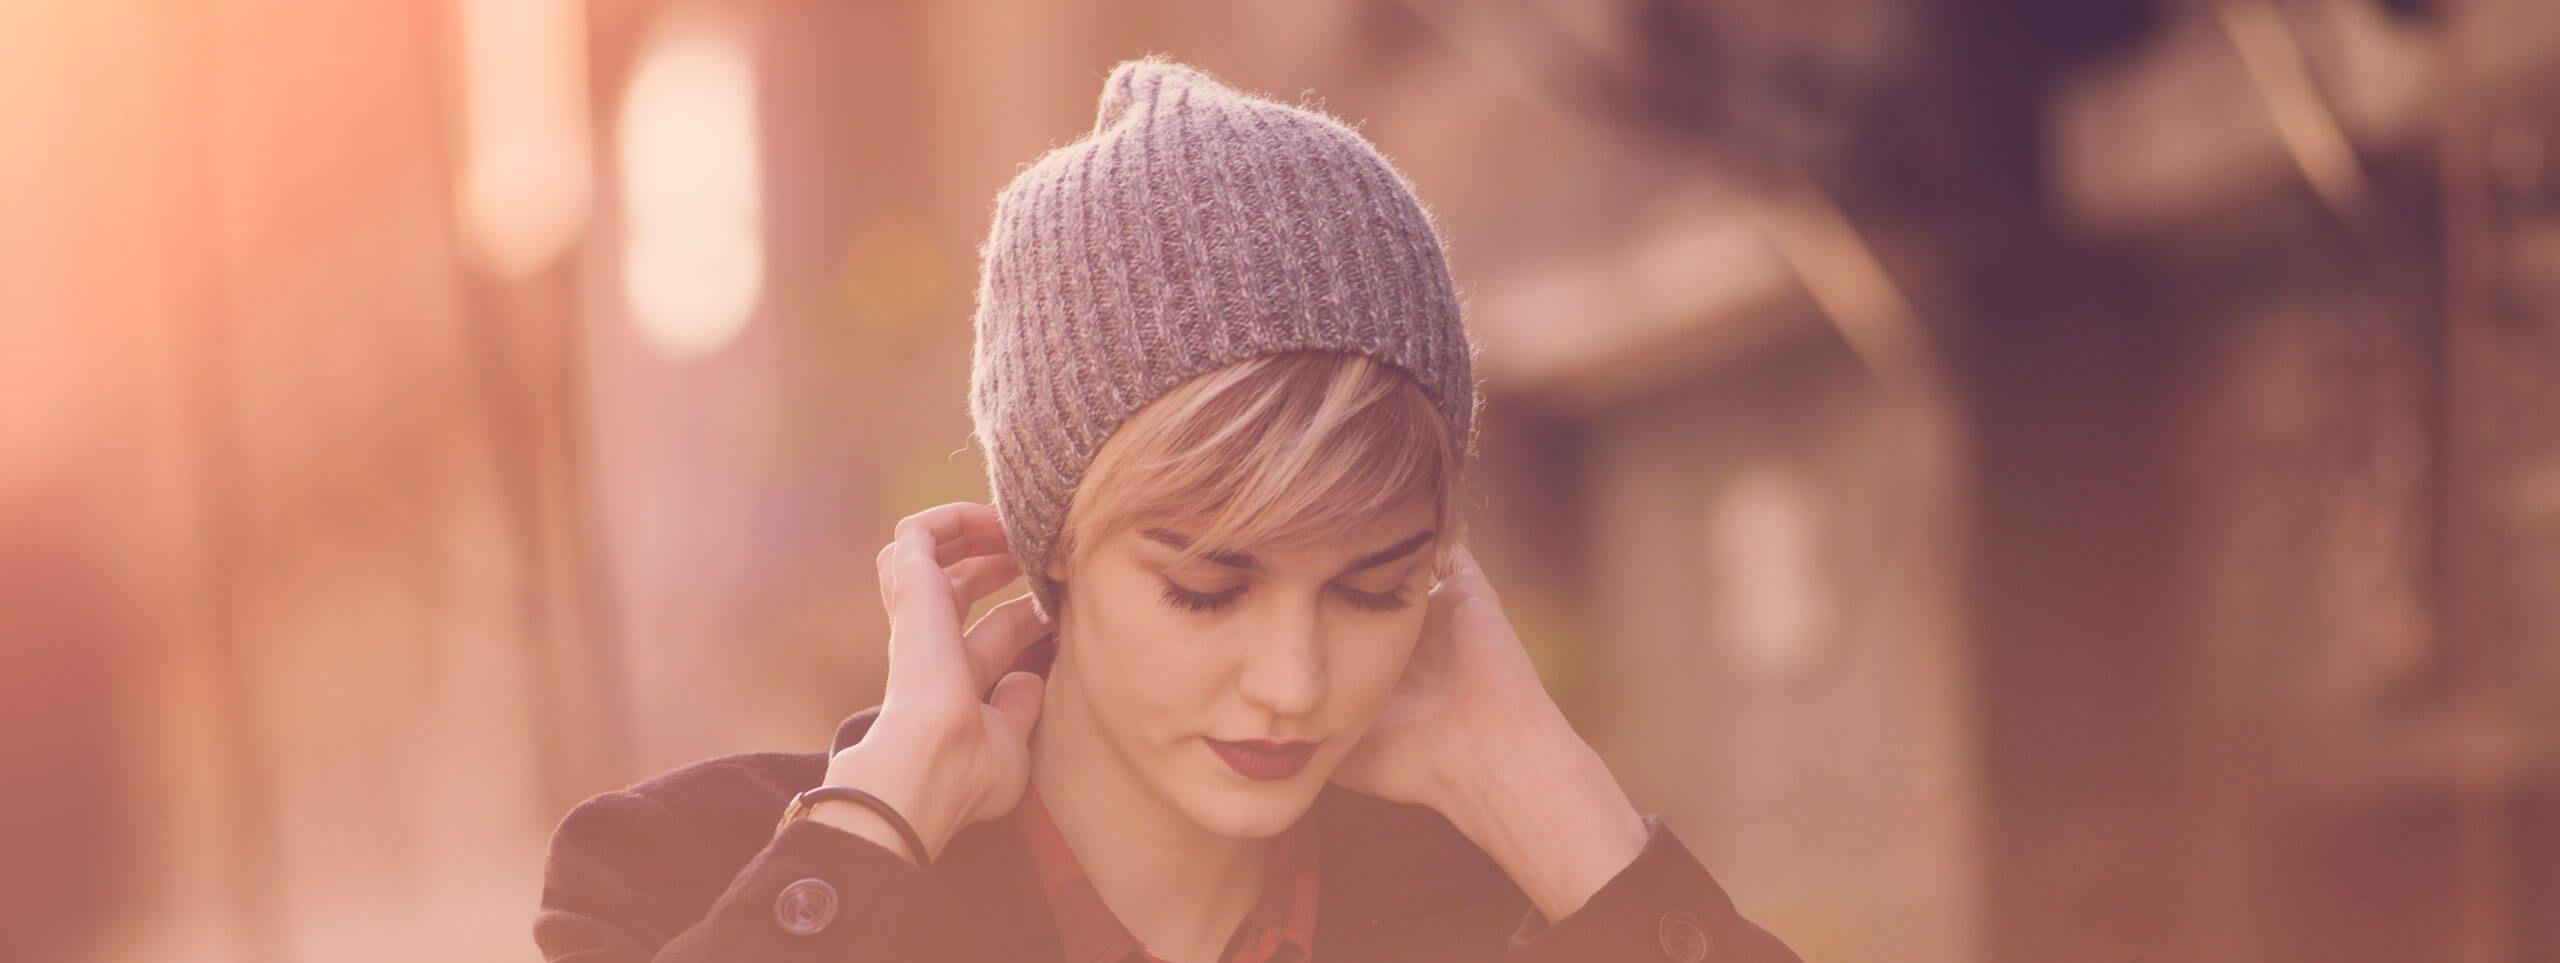 Девушка с стильной прической под шапку